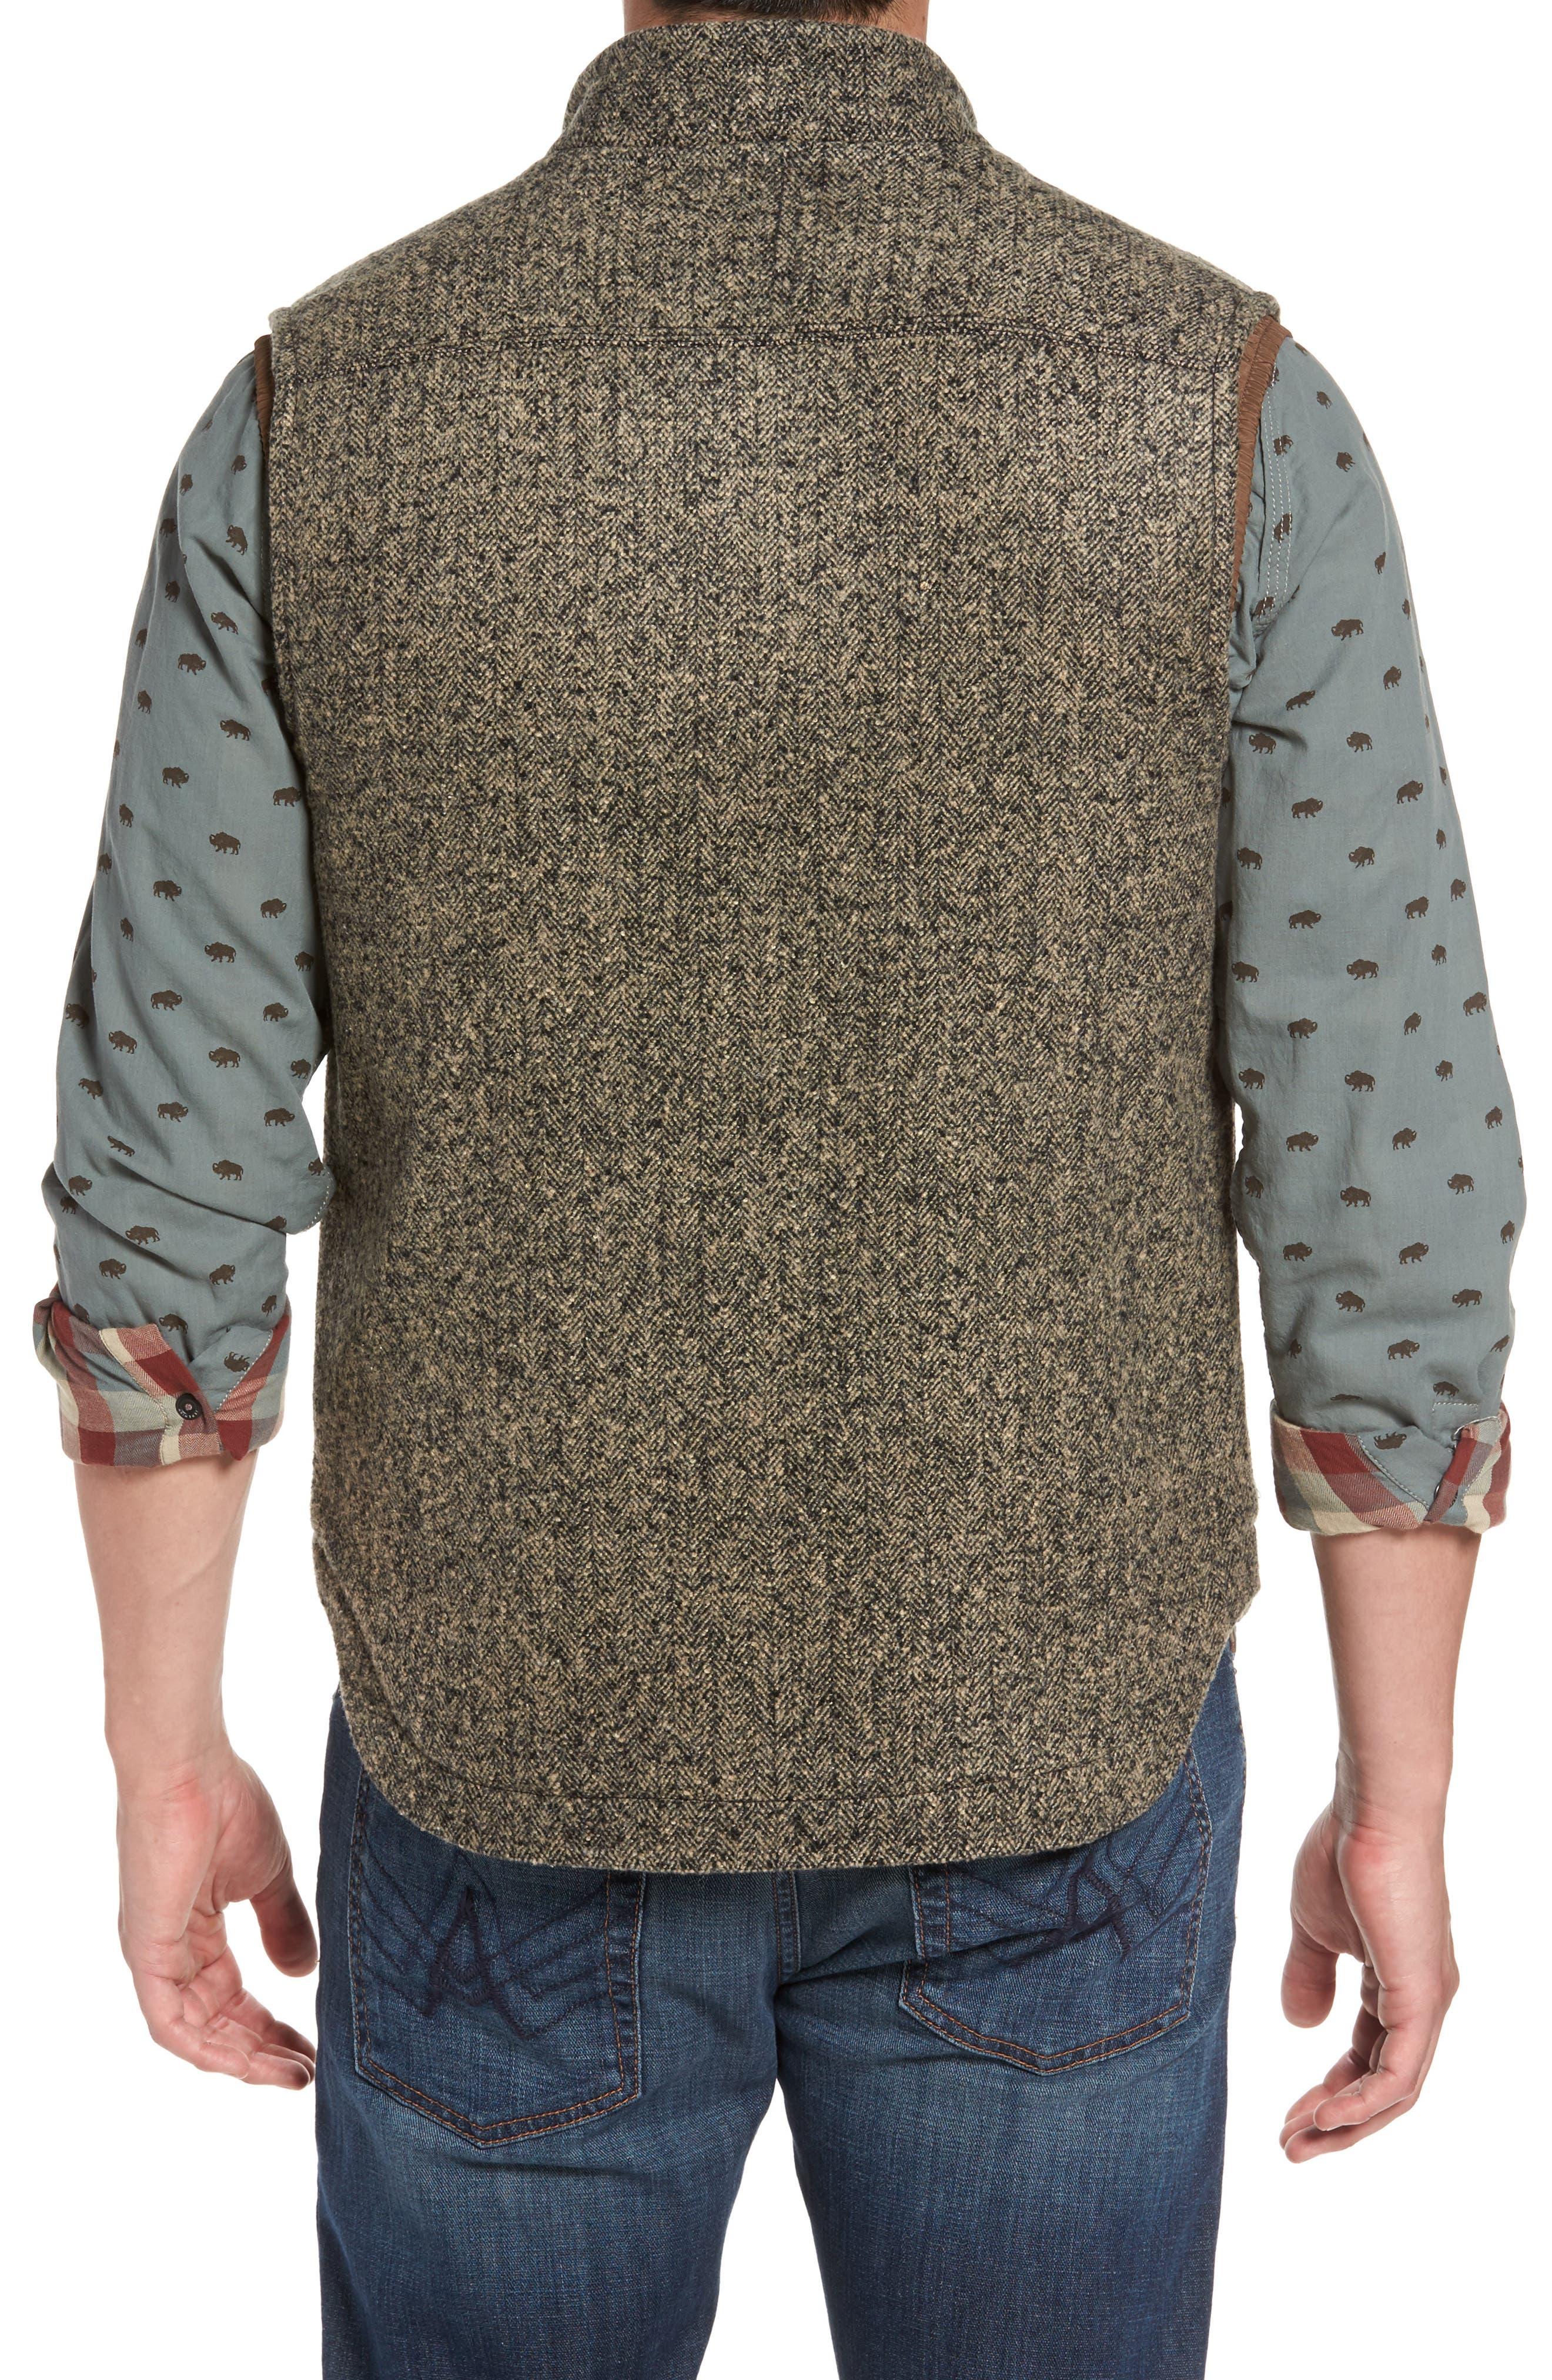 Sanford Herringbone Vest,                             Alternate thumbnail 2, color,                             200